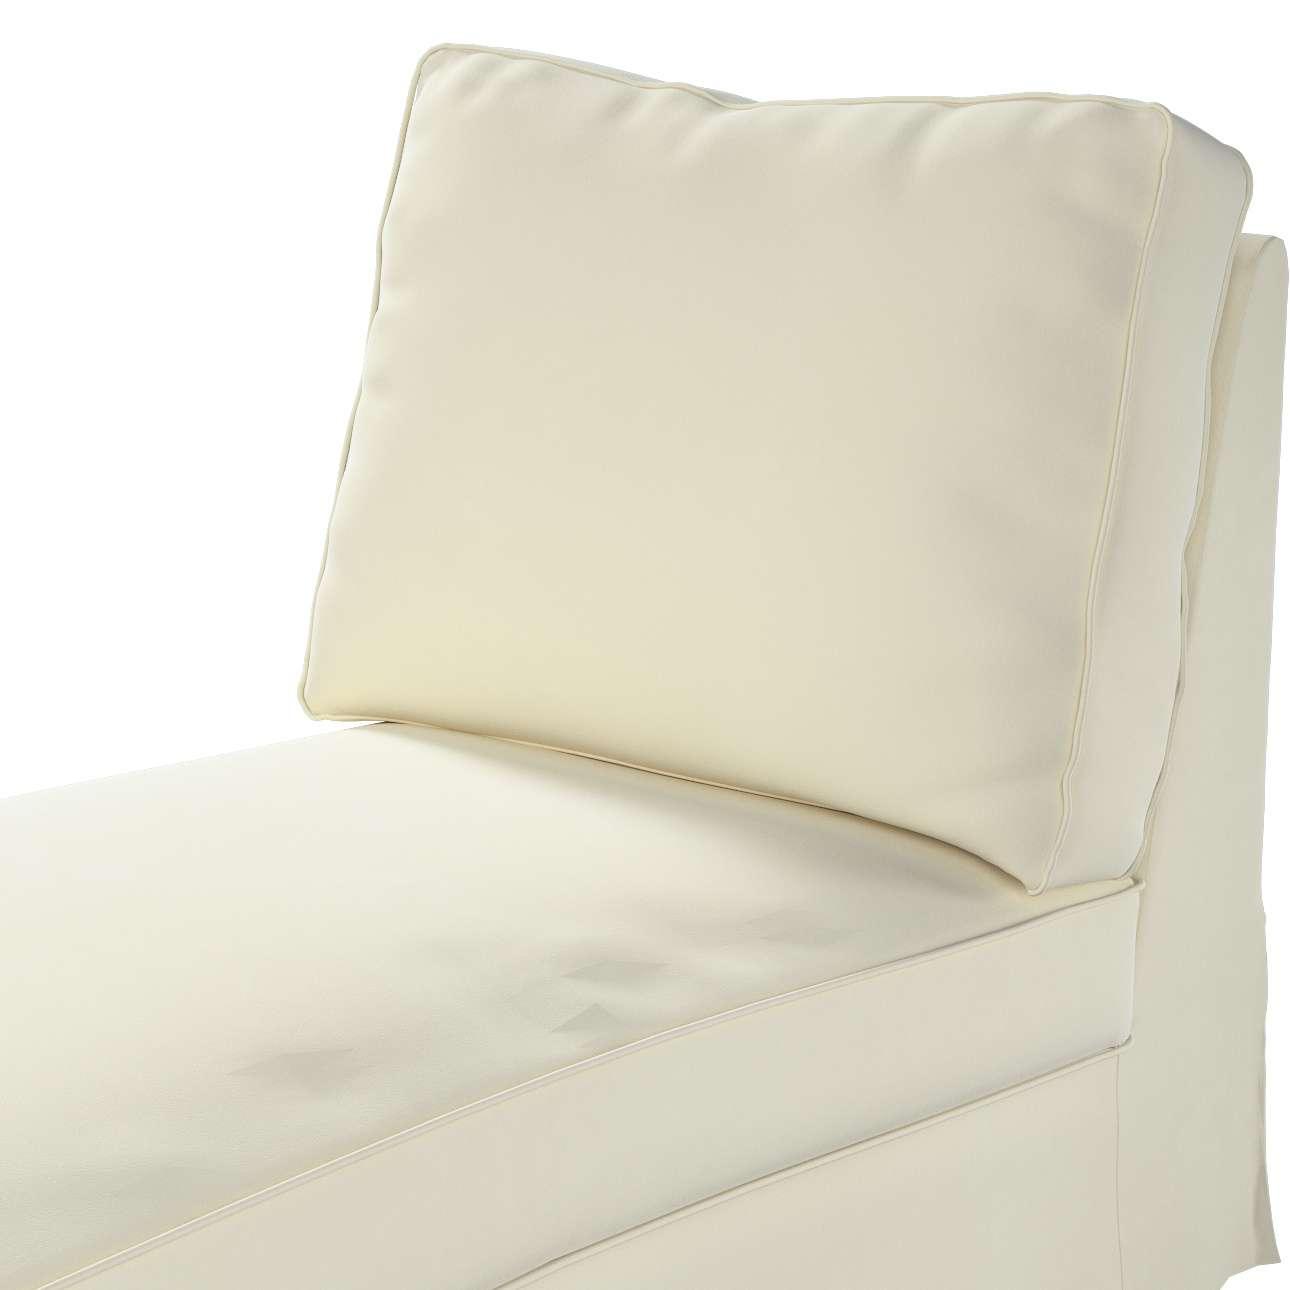 Pokrowiec na szezlong/ leżankę Ektorp wolnostojący prosty tył w kolekcji Velvet, tkanina: 704-10